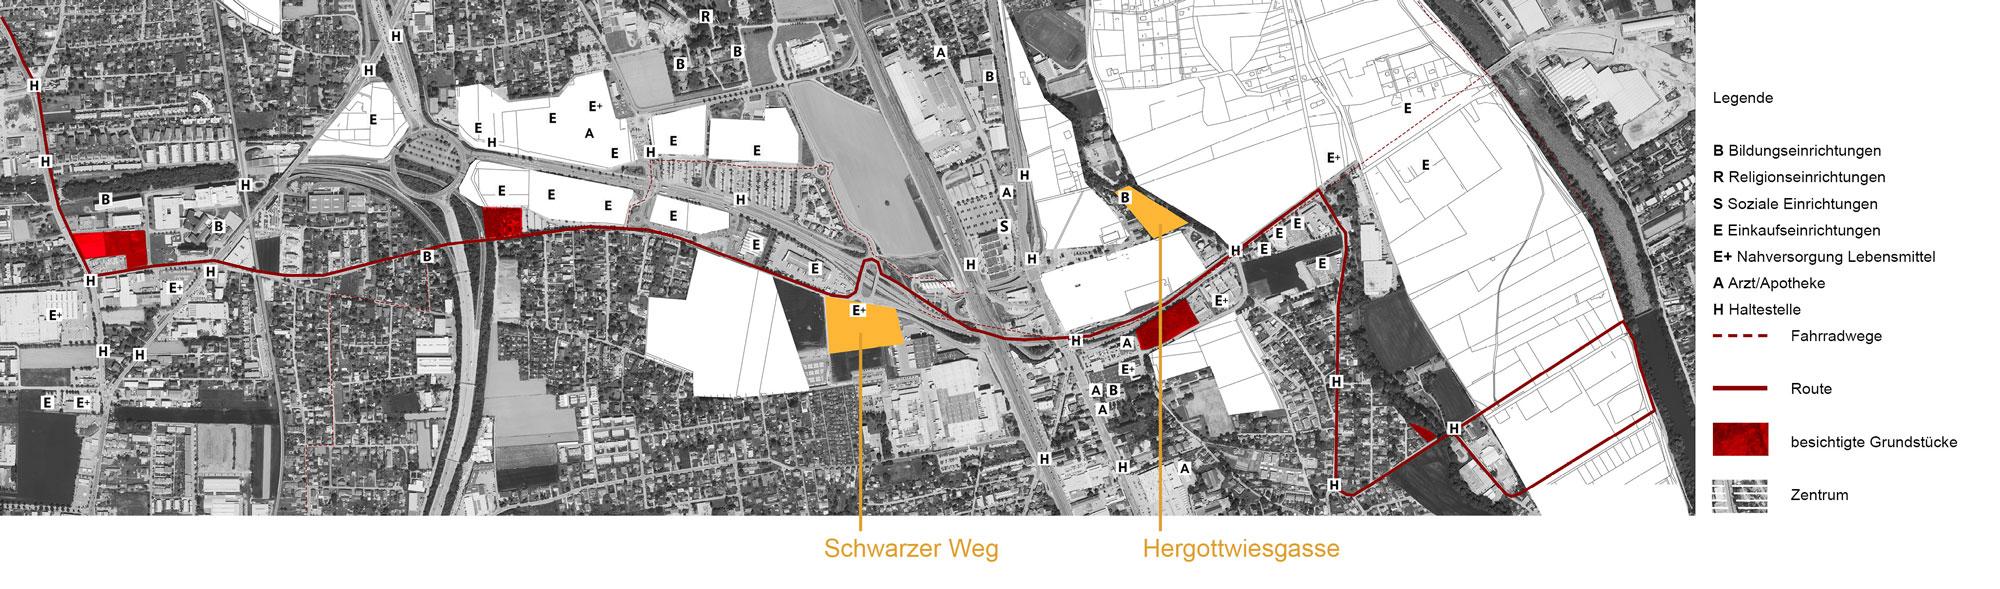 Plan mit Route und Grundstücksauswahl durch Puntigam und Strassgang